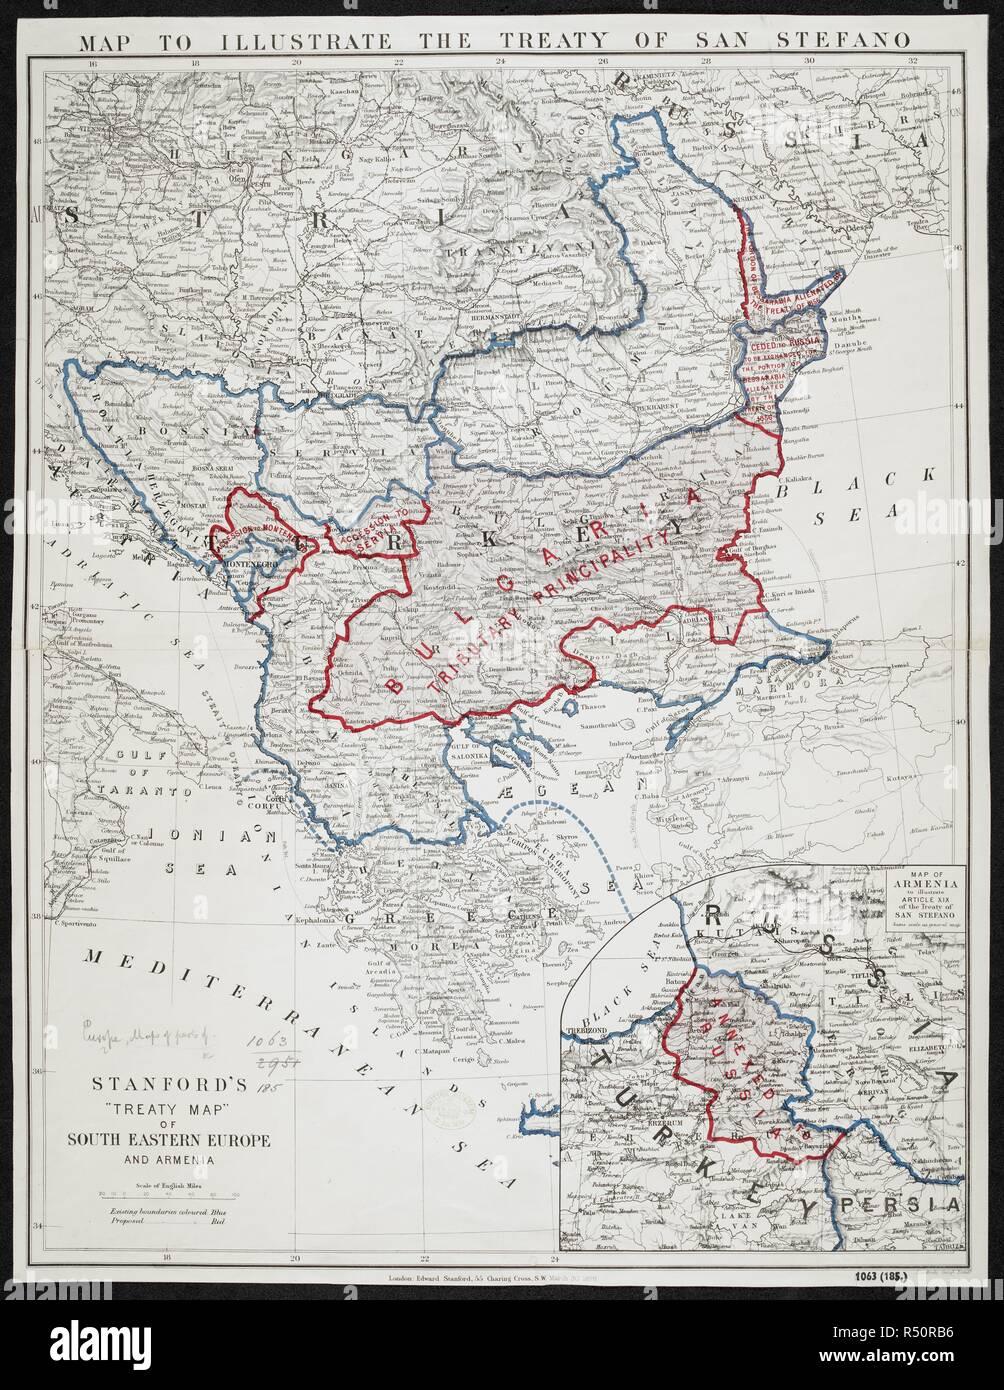 Carte Europe Du Sud Est.Une Carte Pour Illustrer Le Traite De San Stefano Un Traite Map